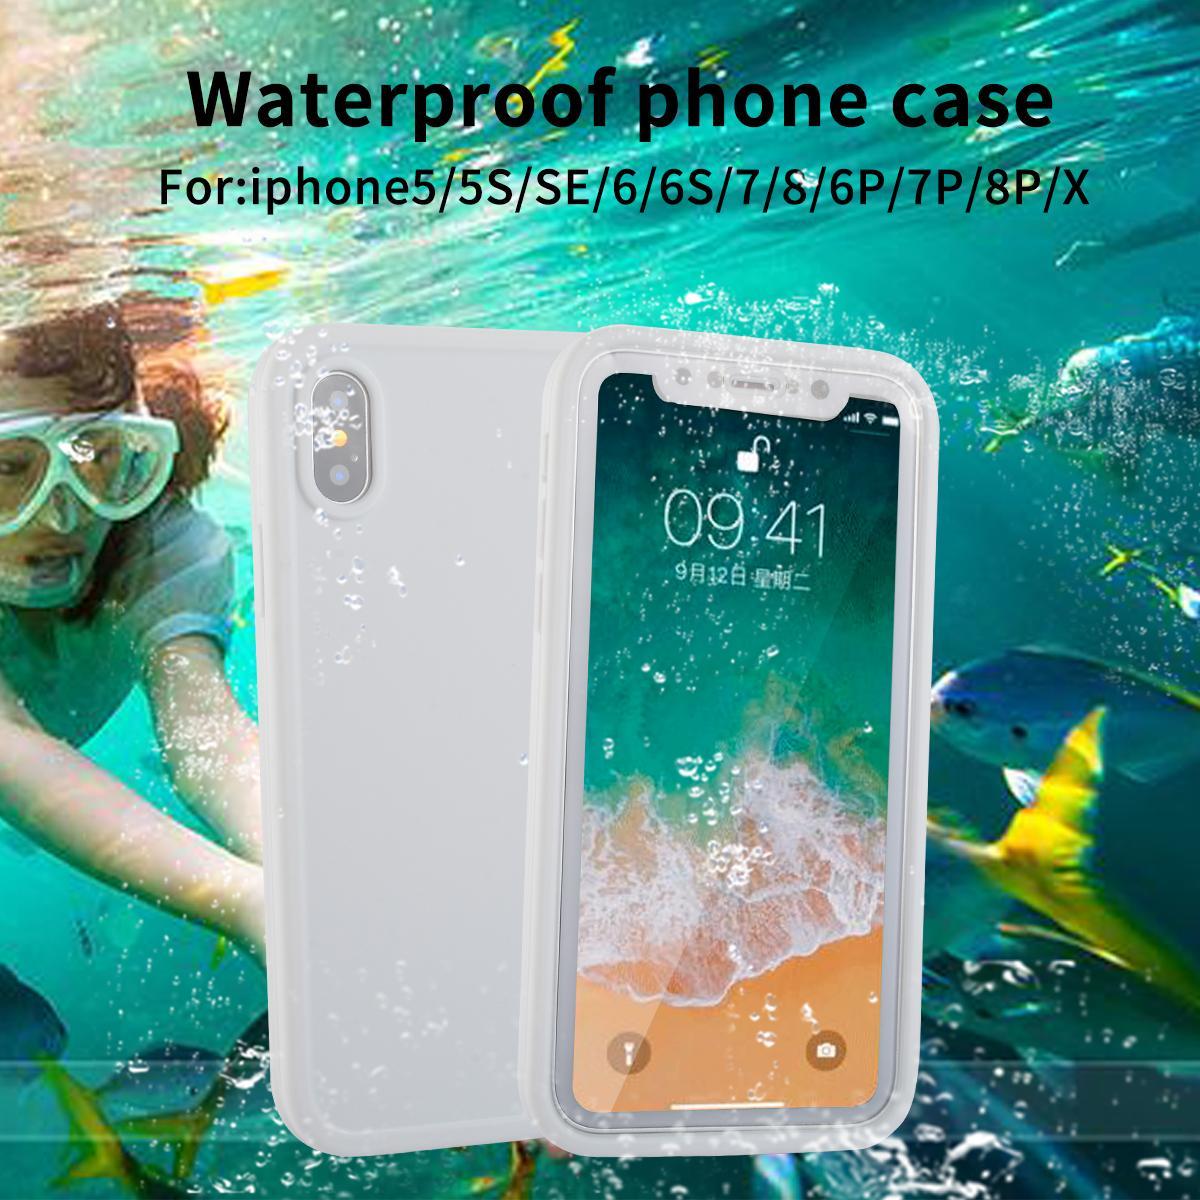 ff3bee486ee Protectores De Celulares IP68 Real Caja Del Teléfono Impermeable Para  IPhone X 8 7 Plus 6 6S Plus Cubierta De Protección Completa En Caso De Agua  Para El ...